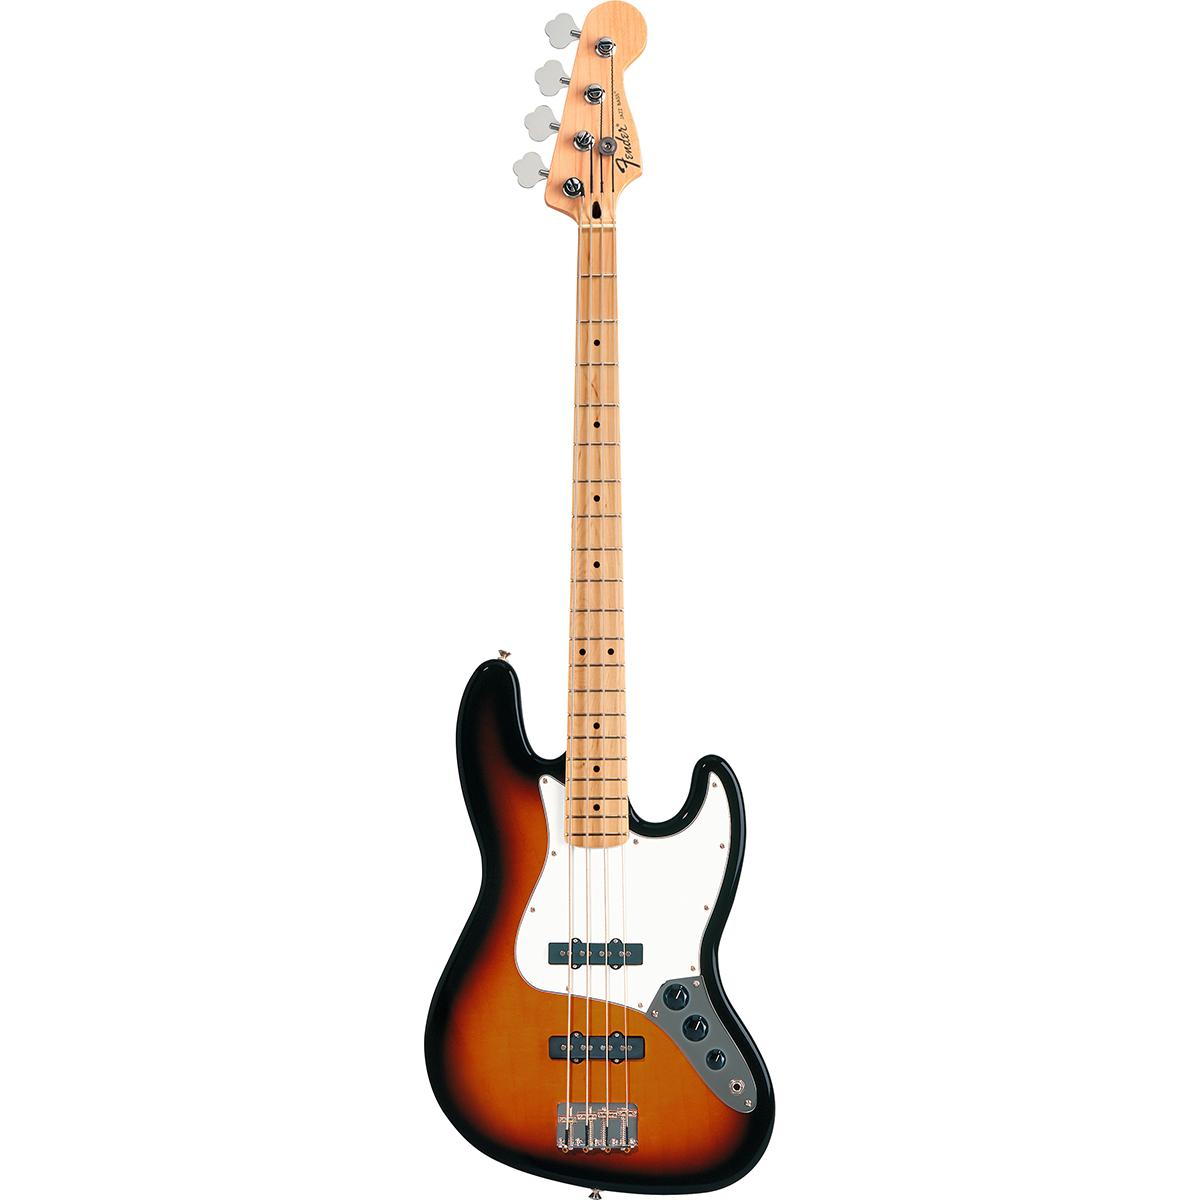 Billede af Fender StandardJazzBass,MN,BSB el-bas brownsunburst